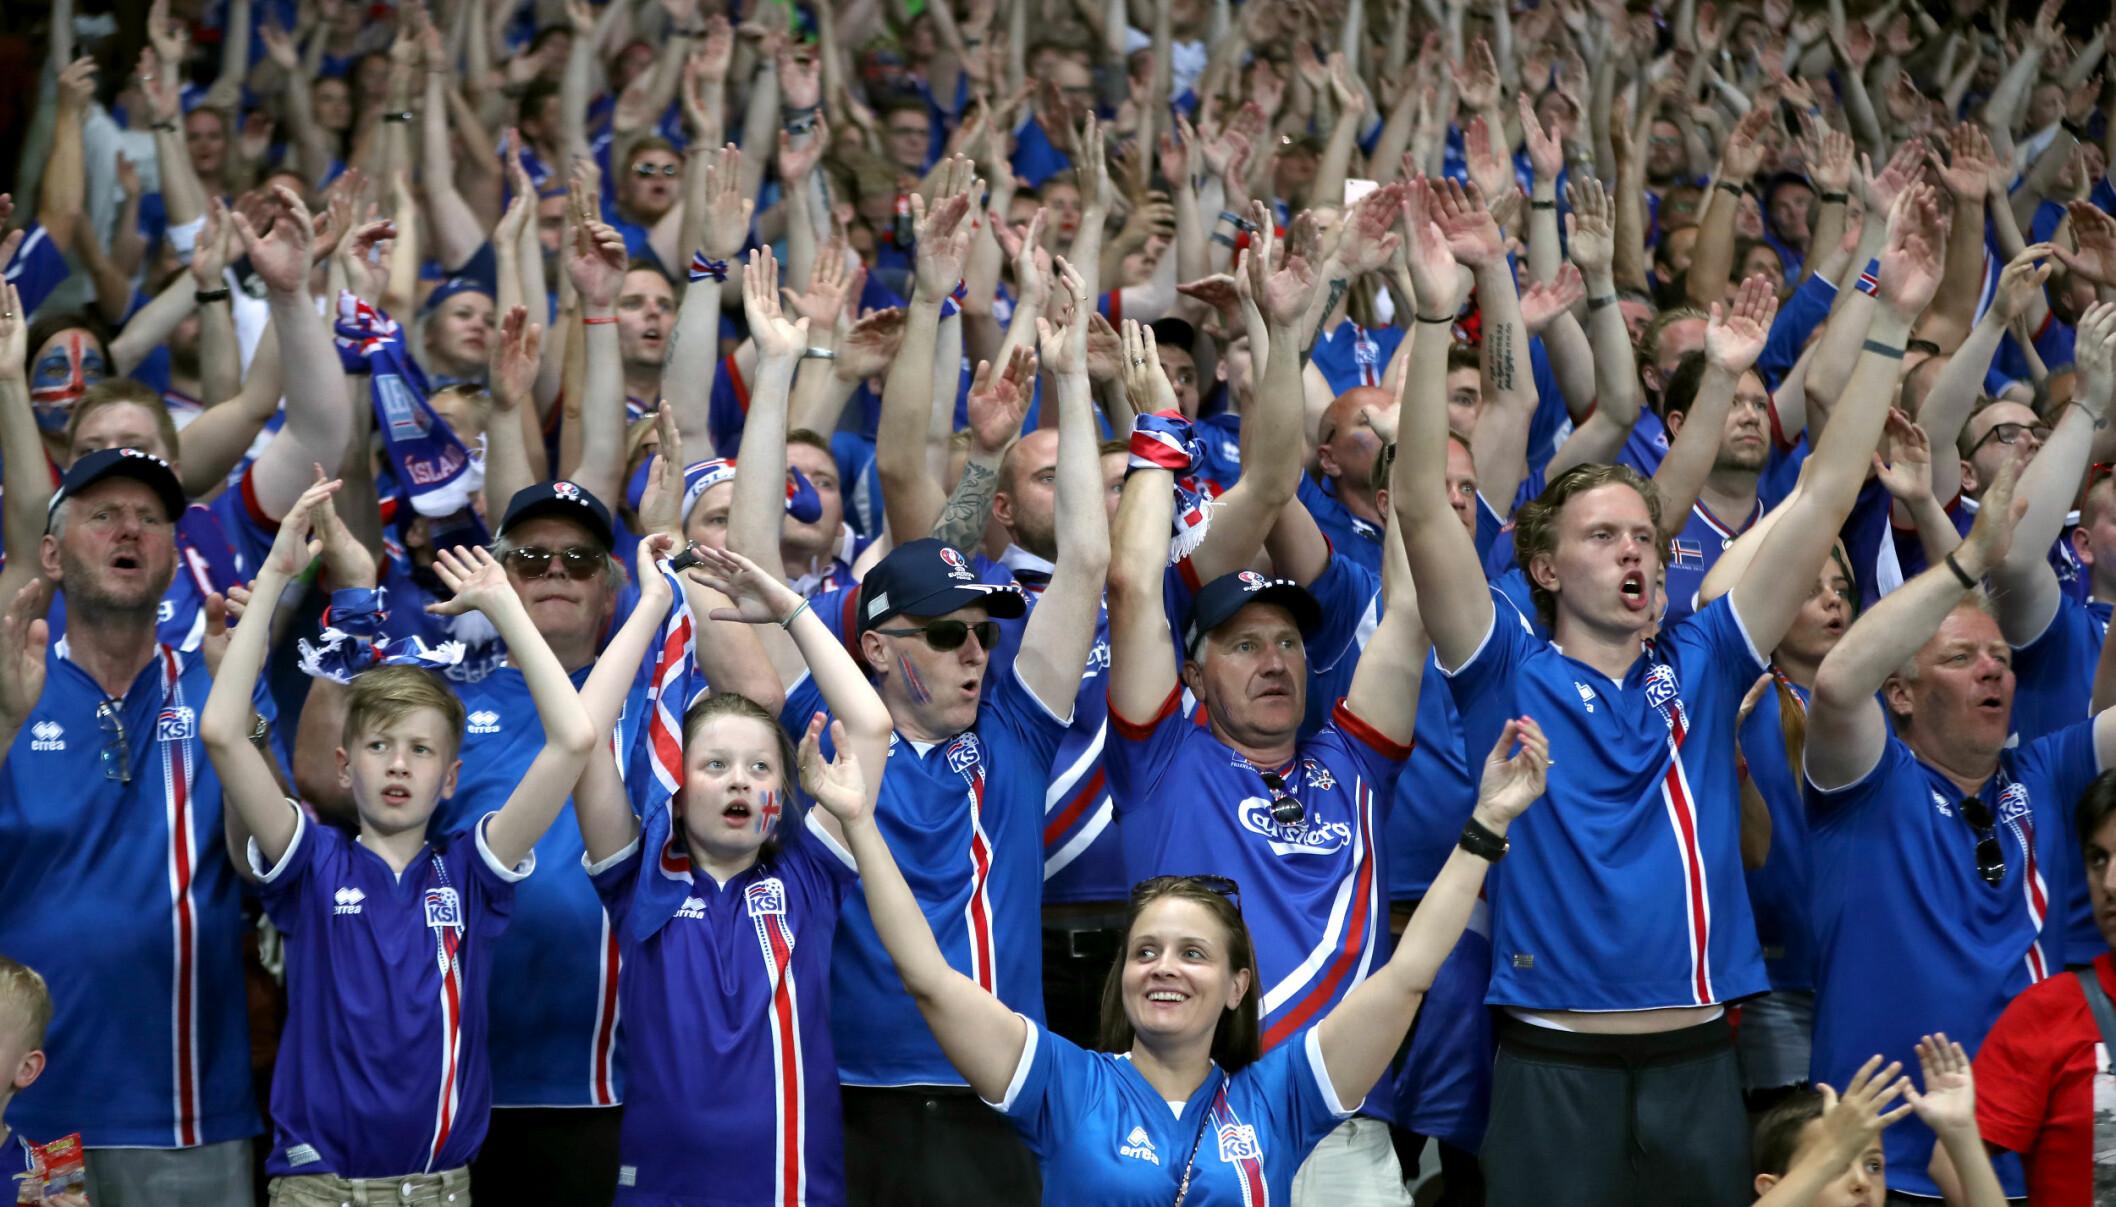 <strong>IKKE TIL Å TRO:</strong> Den islandske fansen i Nice trodde knapt det de så i kveld. Foto: NTB Scanpix